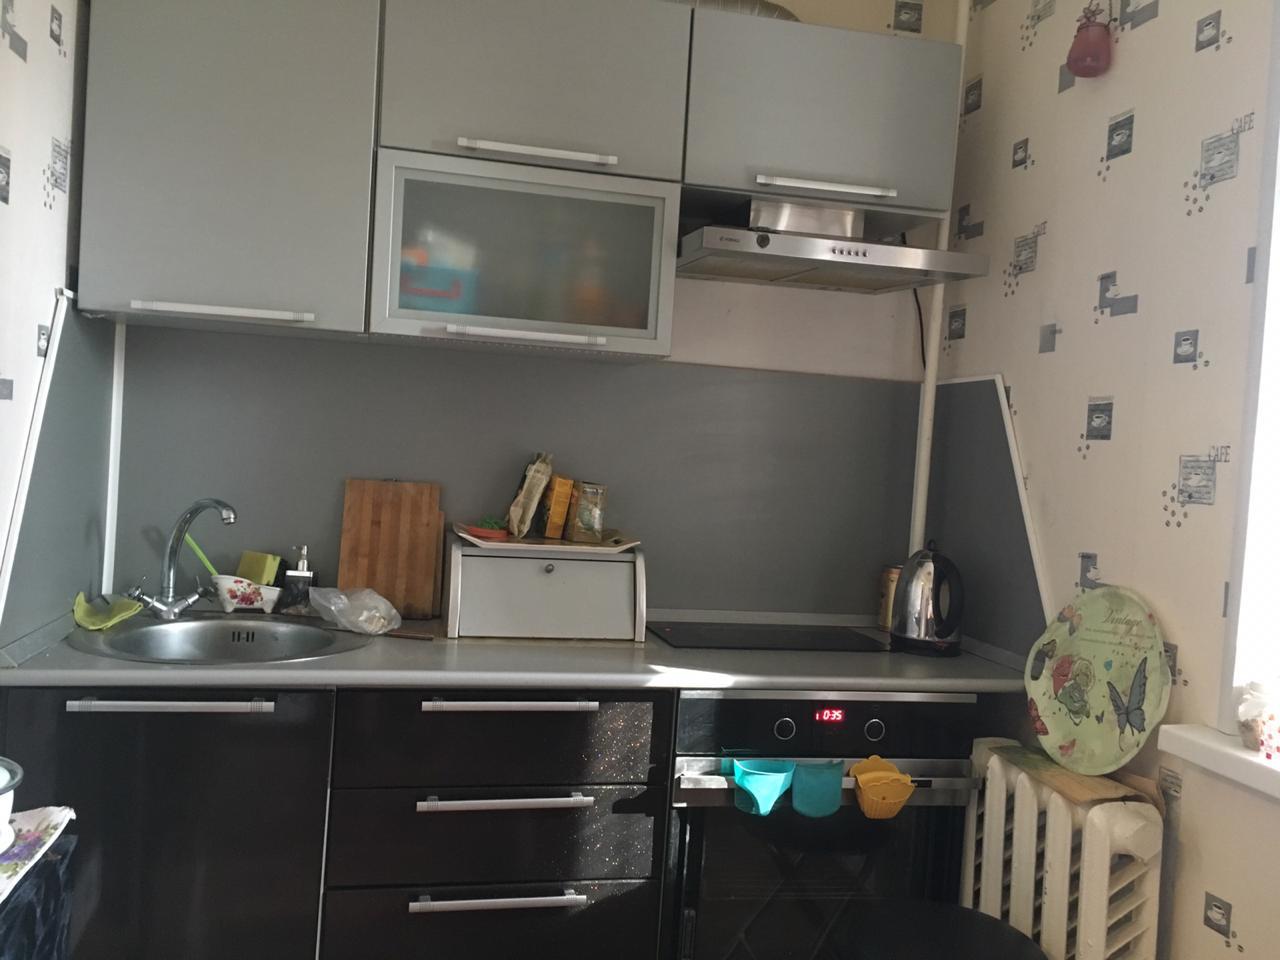 1-я квартира курчатов, ул. Гайдара, дом 3